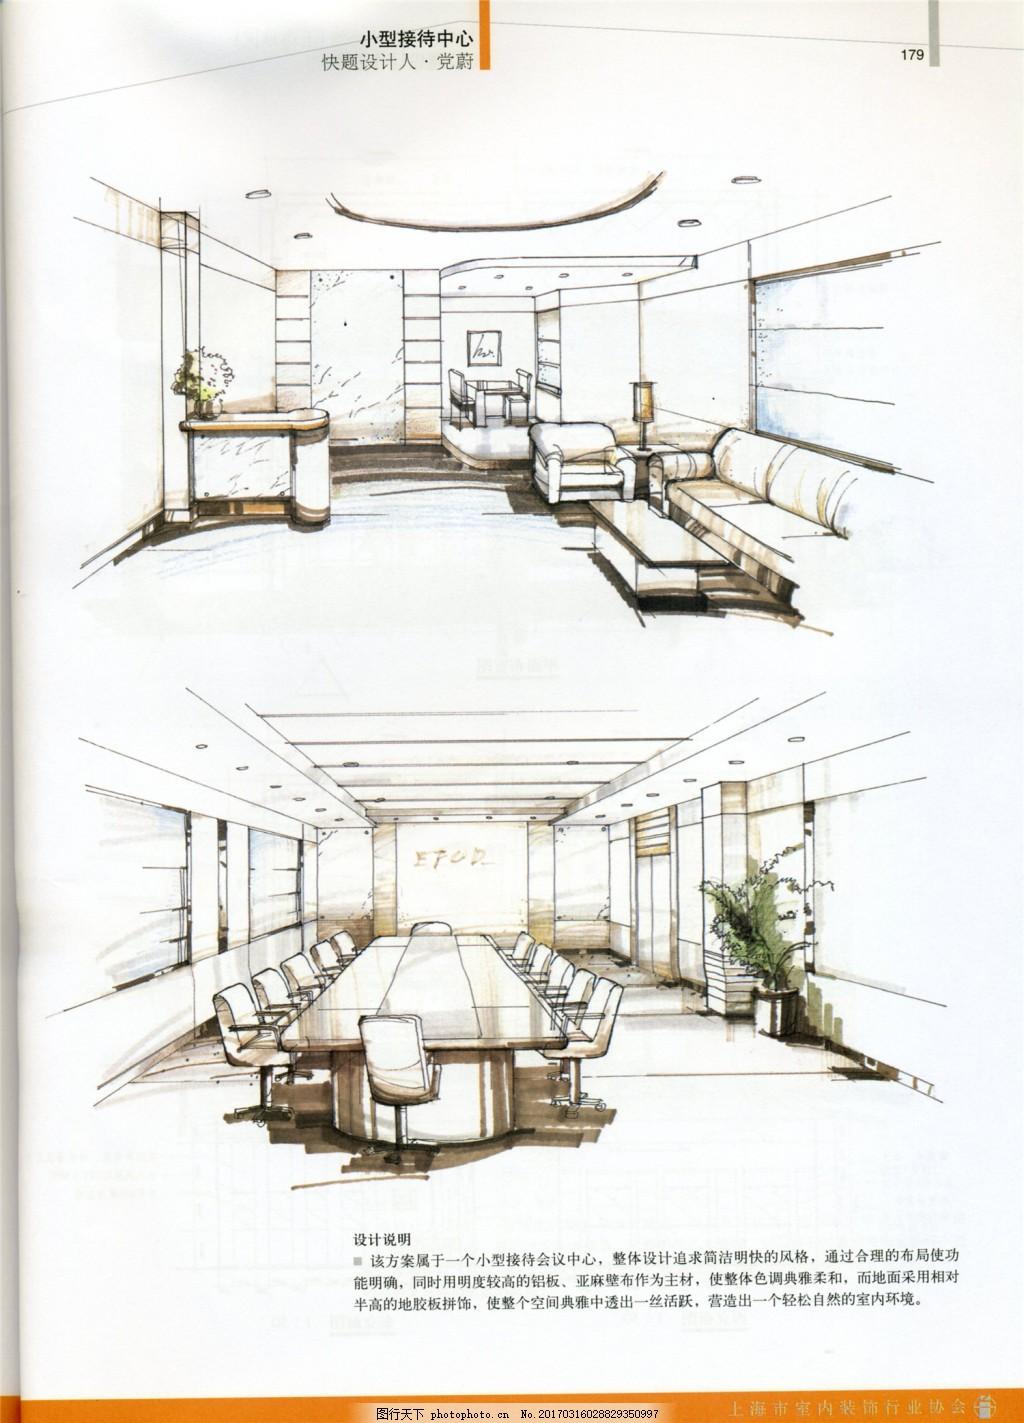 办公装饰效果图 室内设计 工装效果图 工装平面图 施工图 工装效果图